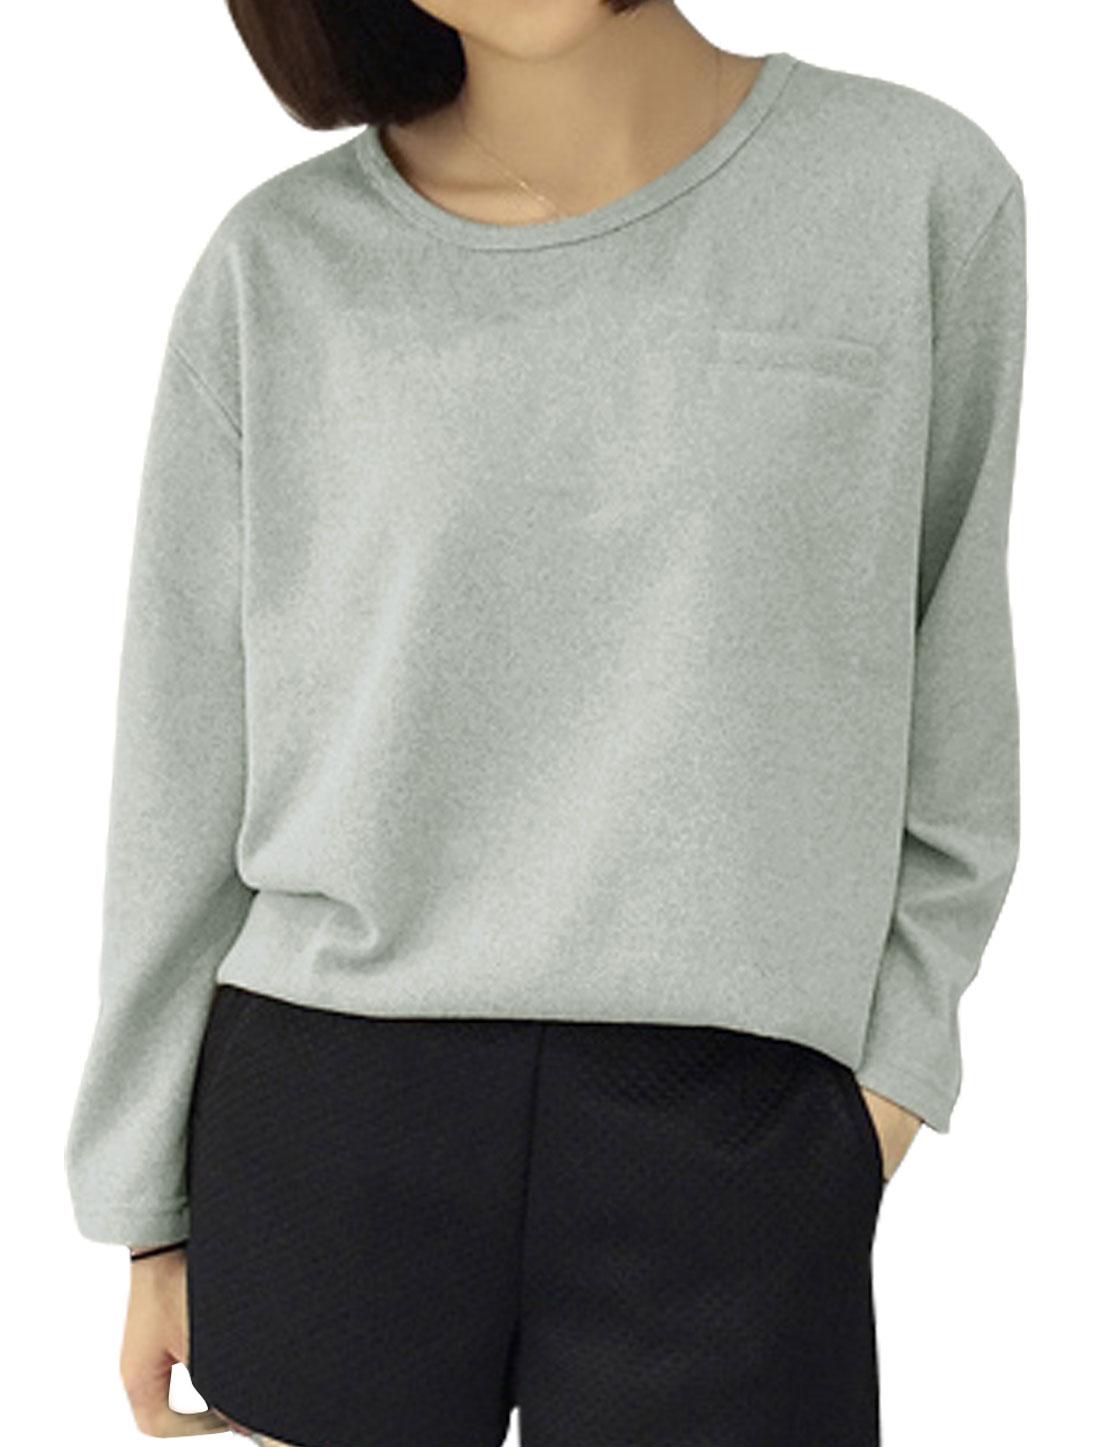 Ladies Mock Pocket Long Sleeves Loose Knit Shirt Gray XS